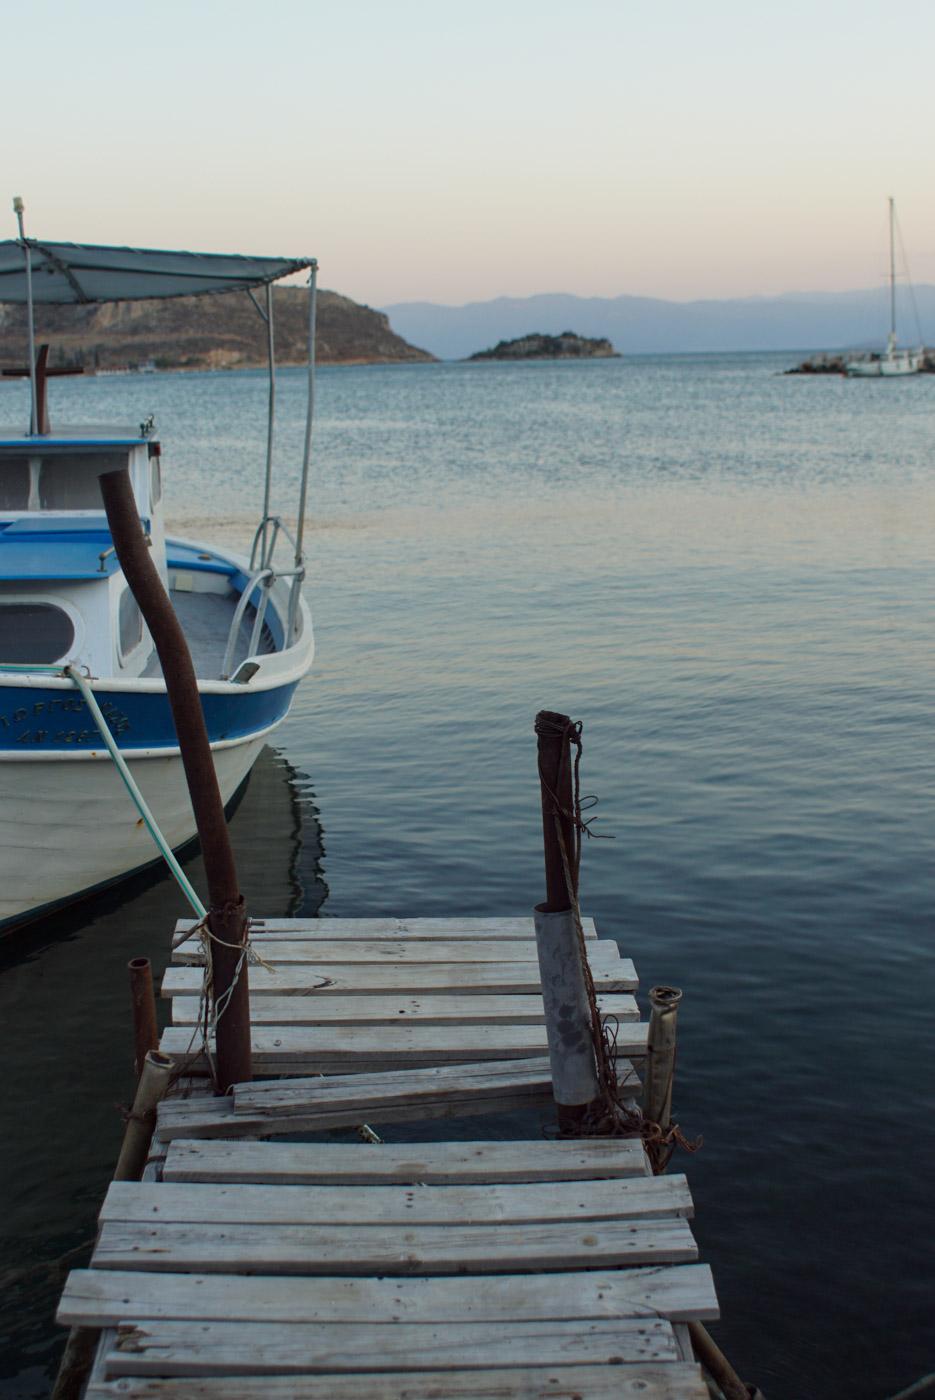 Blick von einem alten maroden Holzsteg in die Bucht auf der linken Seite deshalb ein kleines Fischerboot zu erkennen rechts in der Ferne ein Segelboot das vor Anker liegt